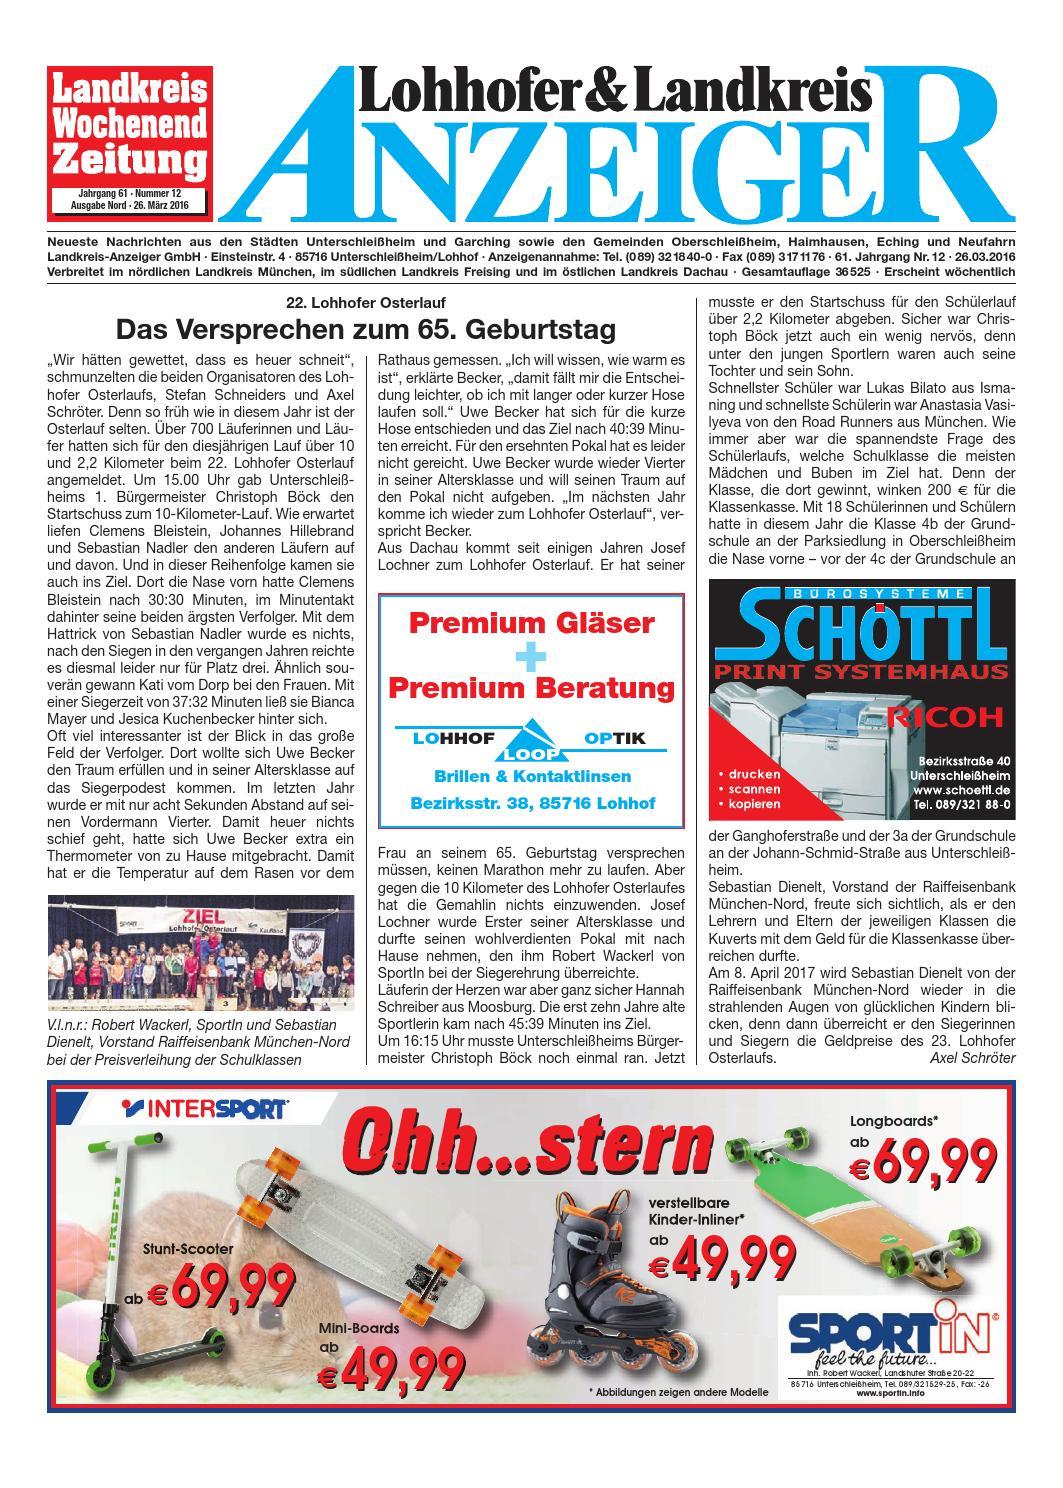 Lohhofer & Landkreis Anzeiger 1216 by Zimmermann GmbH Druck & Verlag ...